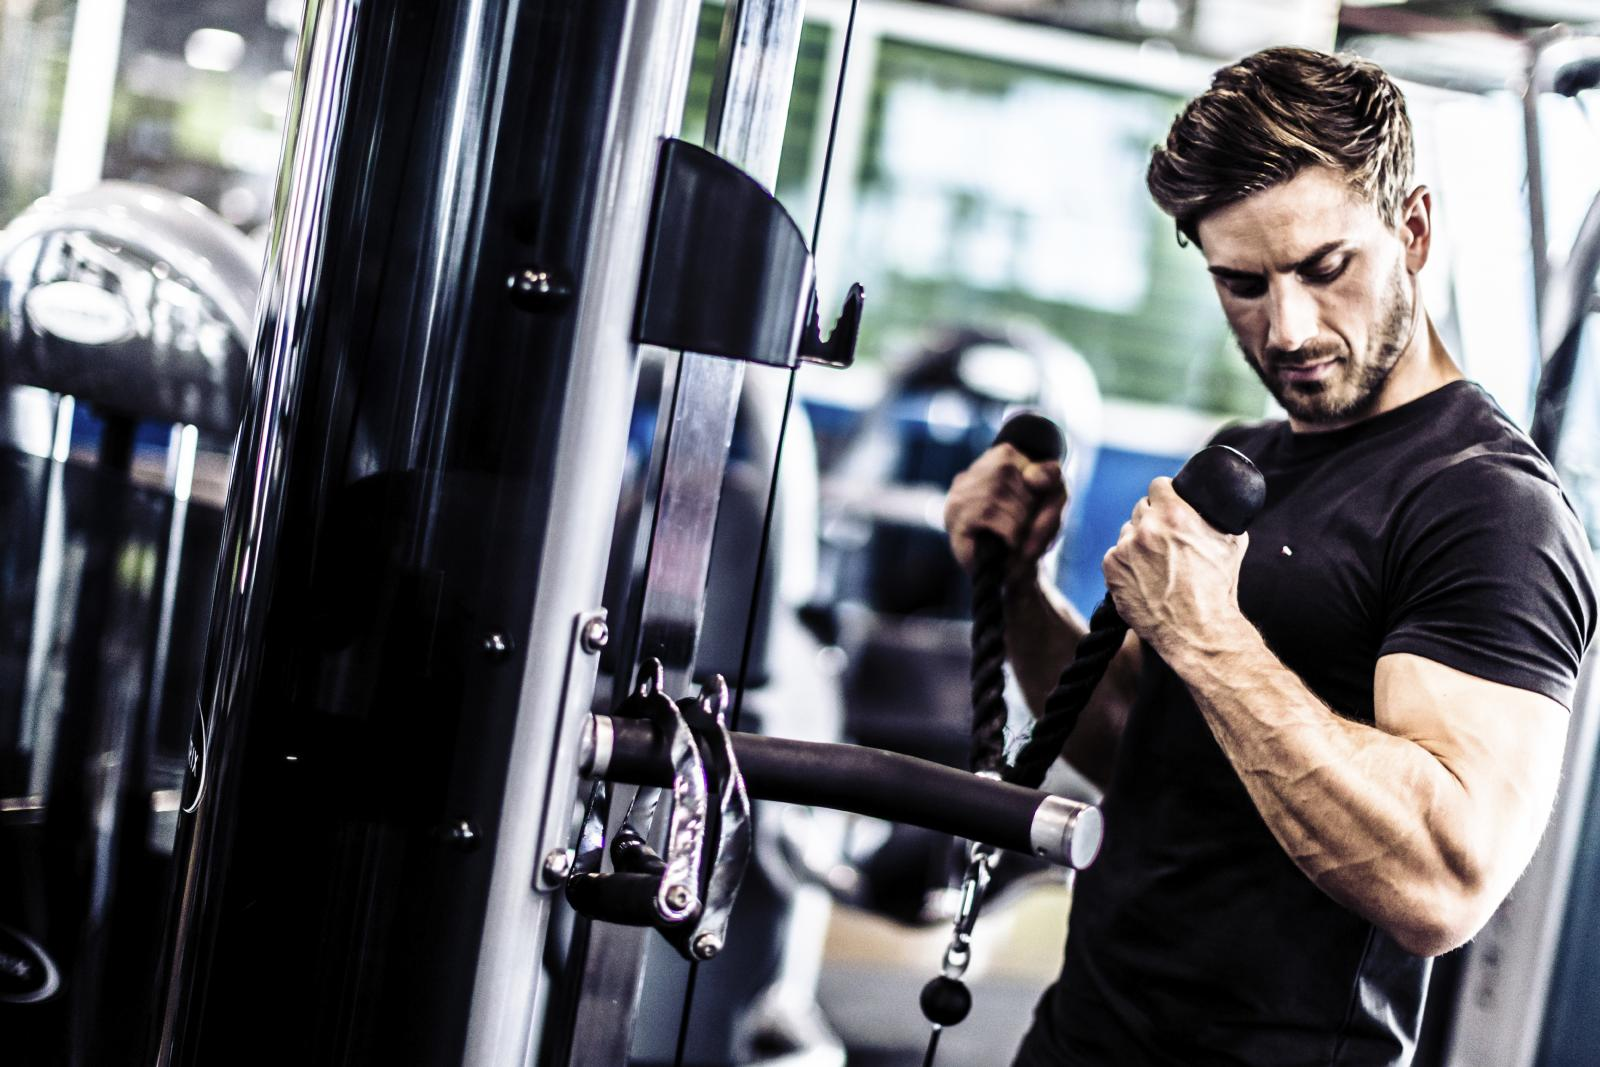 Jutarnji trening uopće nije loša ideja, primjerice, prštat ćete energijom, imat ćete više vremena i bolje ćete spavati.